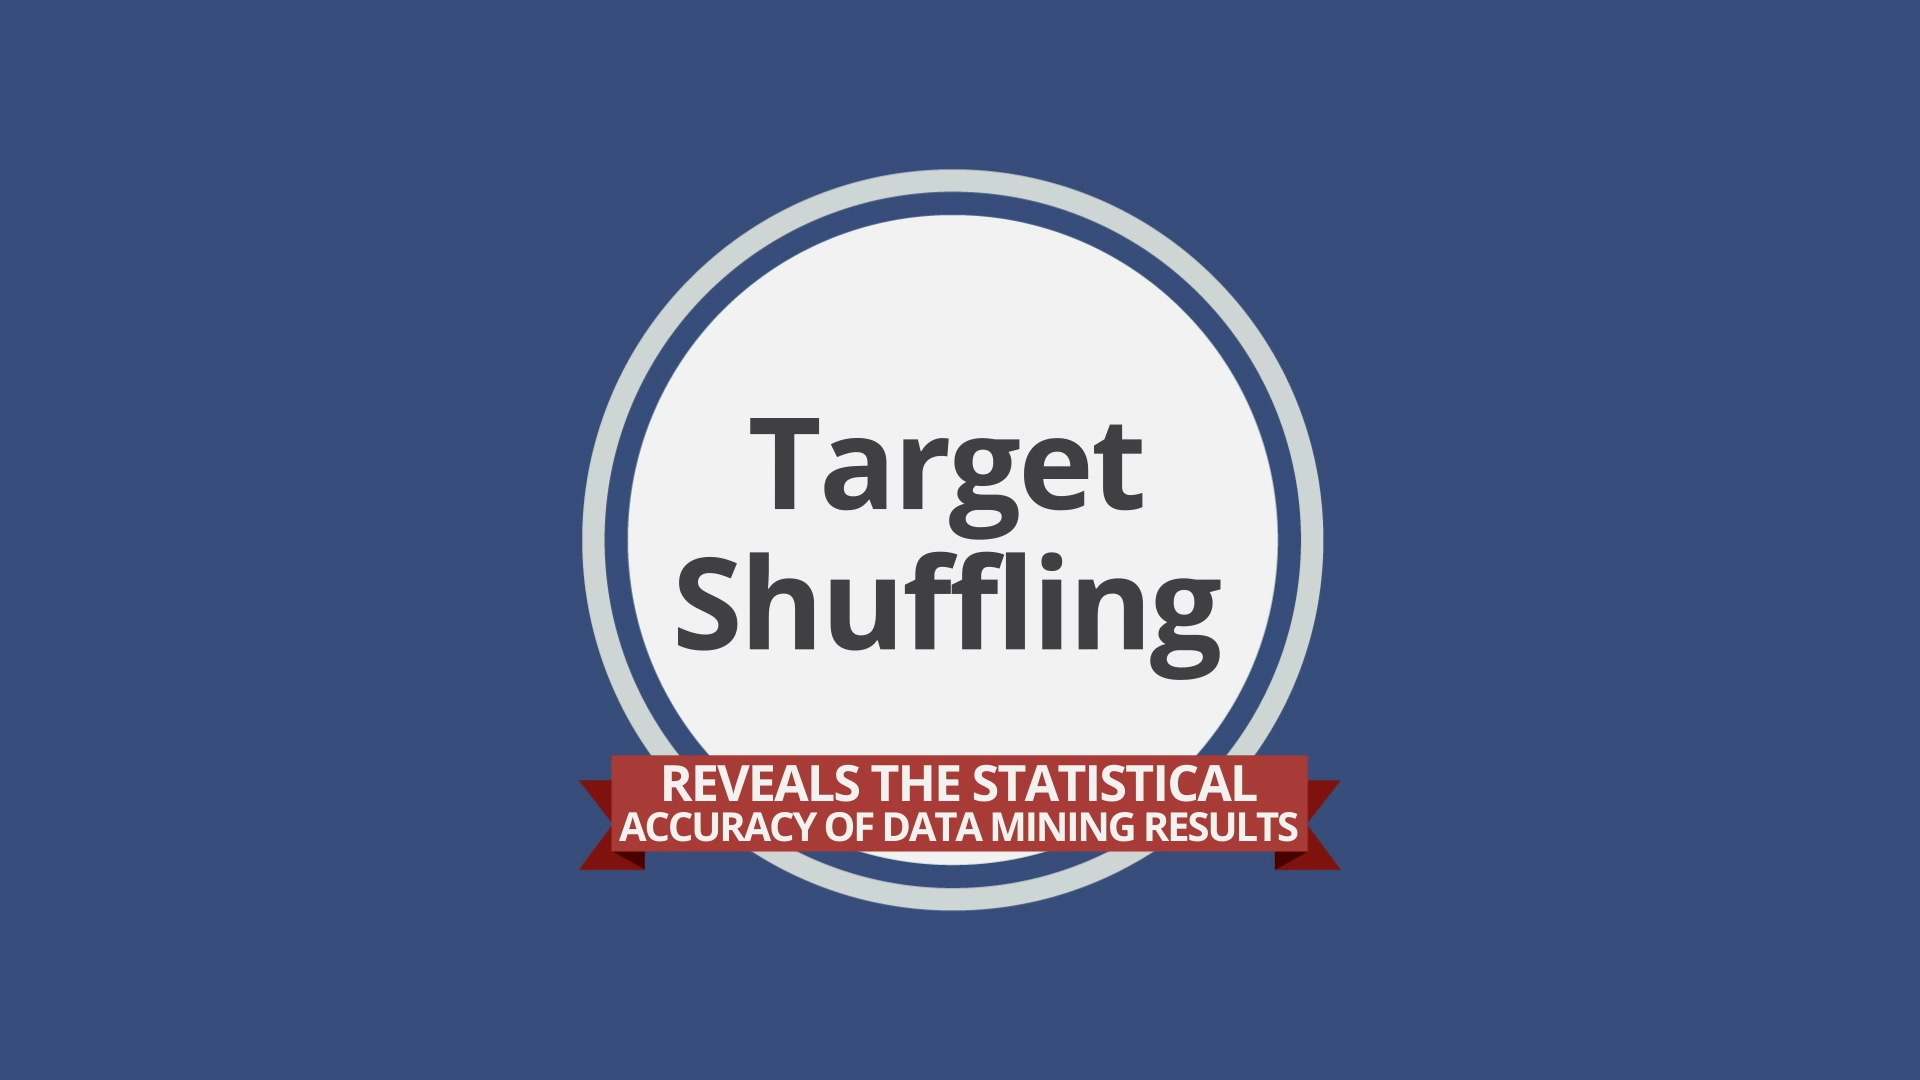 Target Shuffling Video_Final